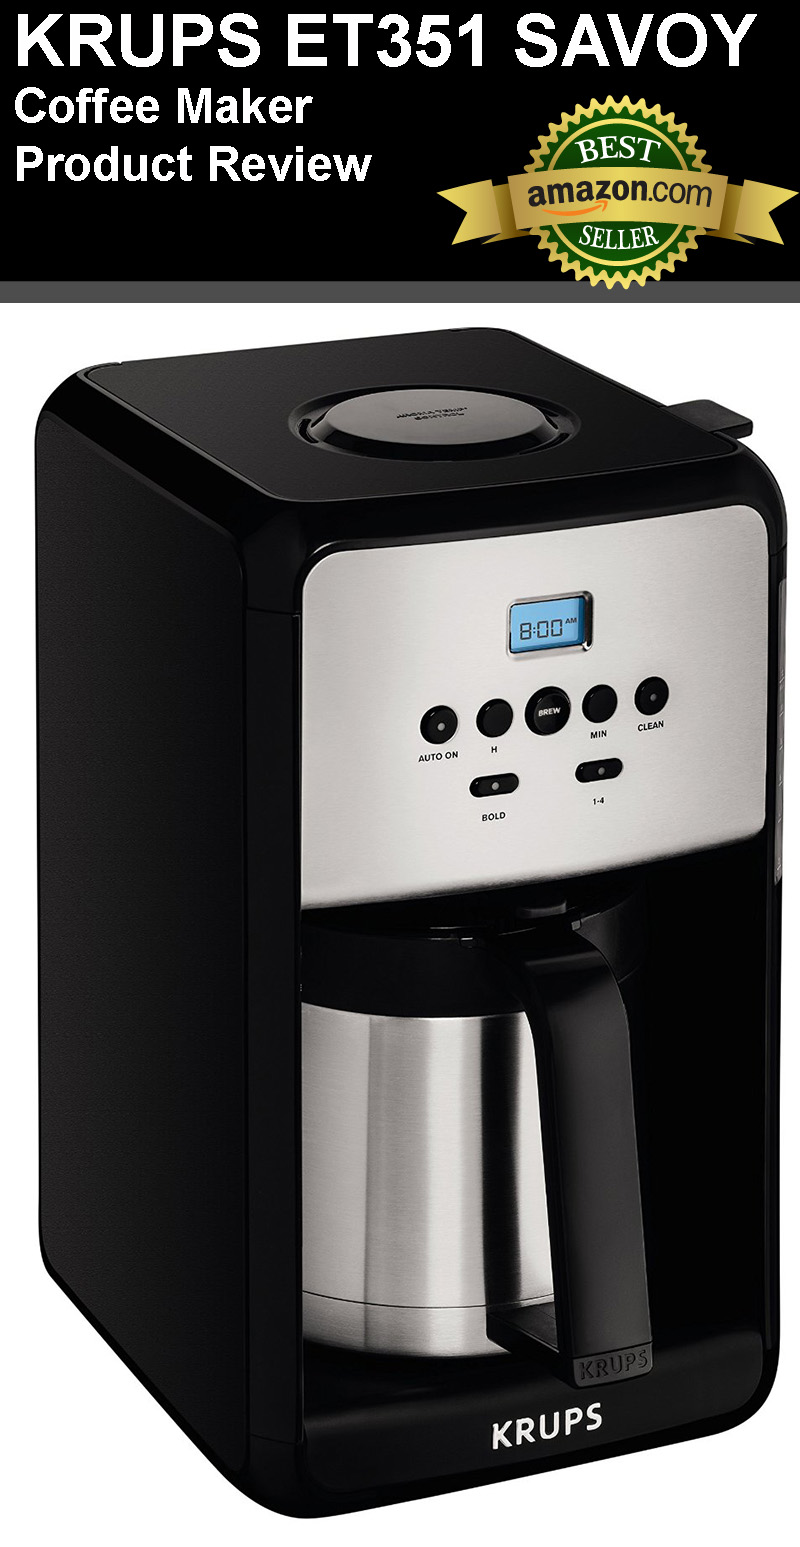 krups et351 savoy coffee maker review. Black Bedroom Furniture Sets. Home Design Ideas